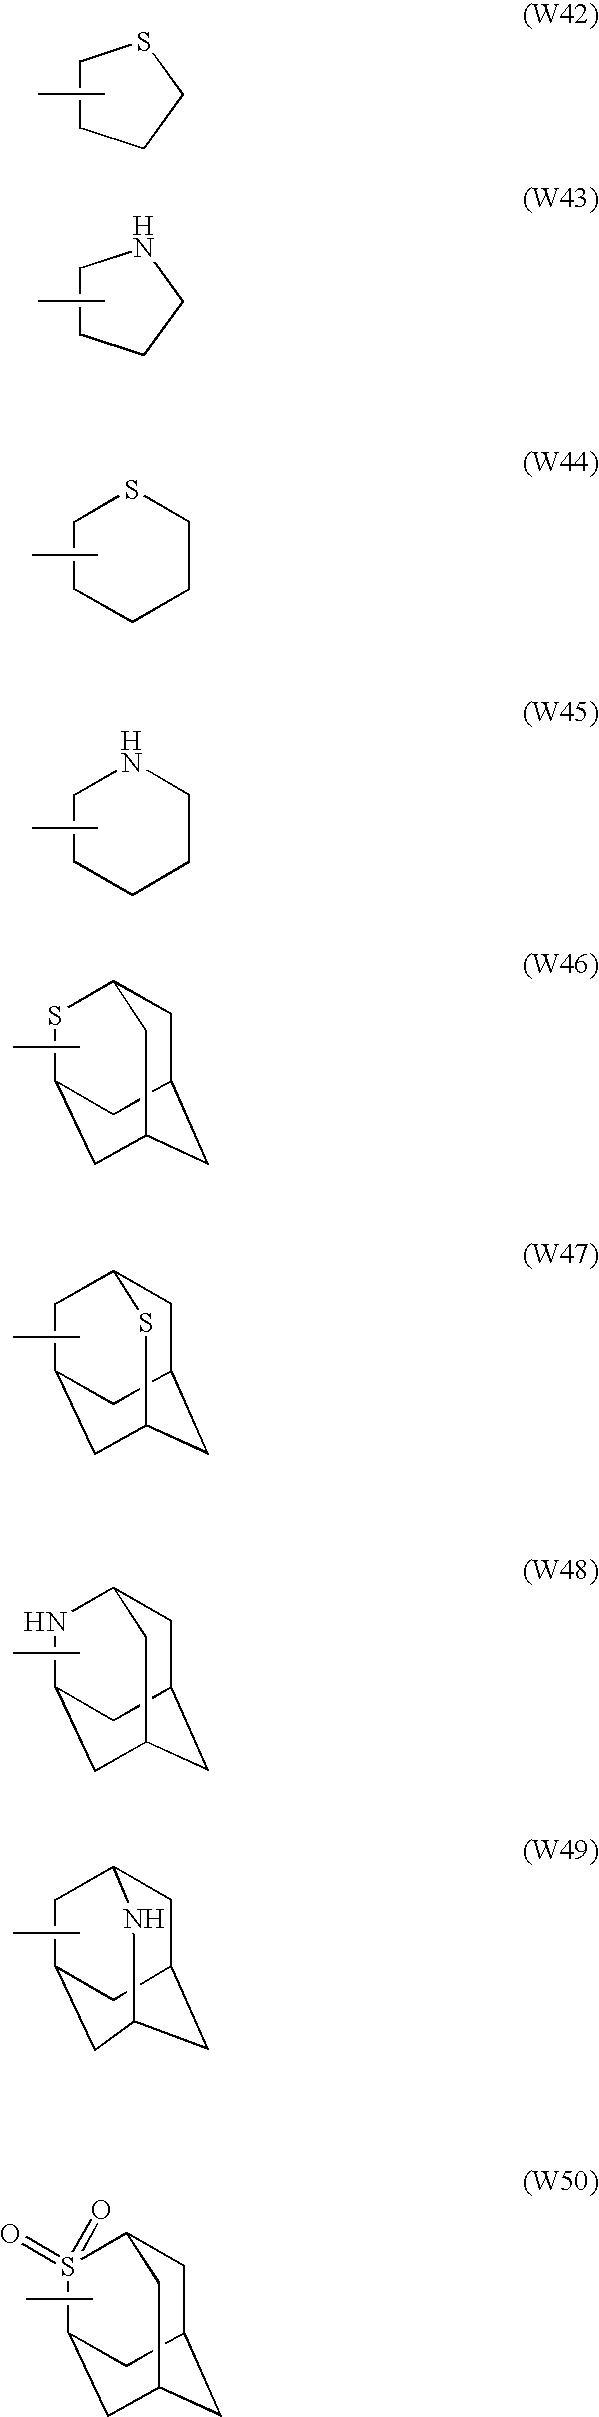 Figure US20100323296A1-20101223-C00073